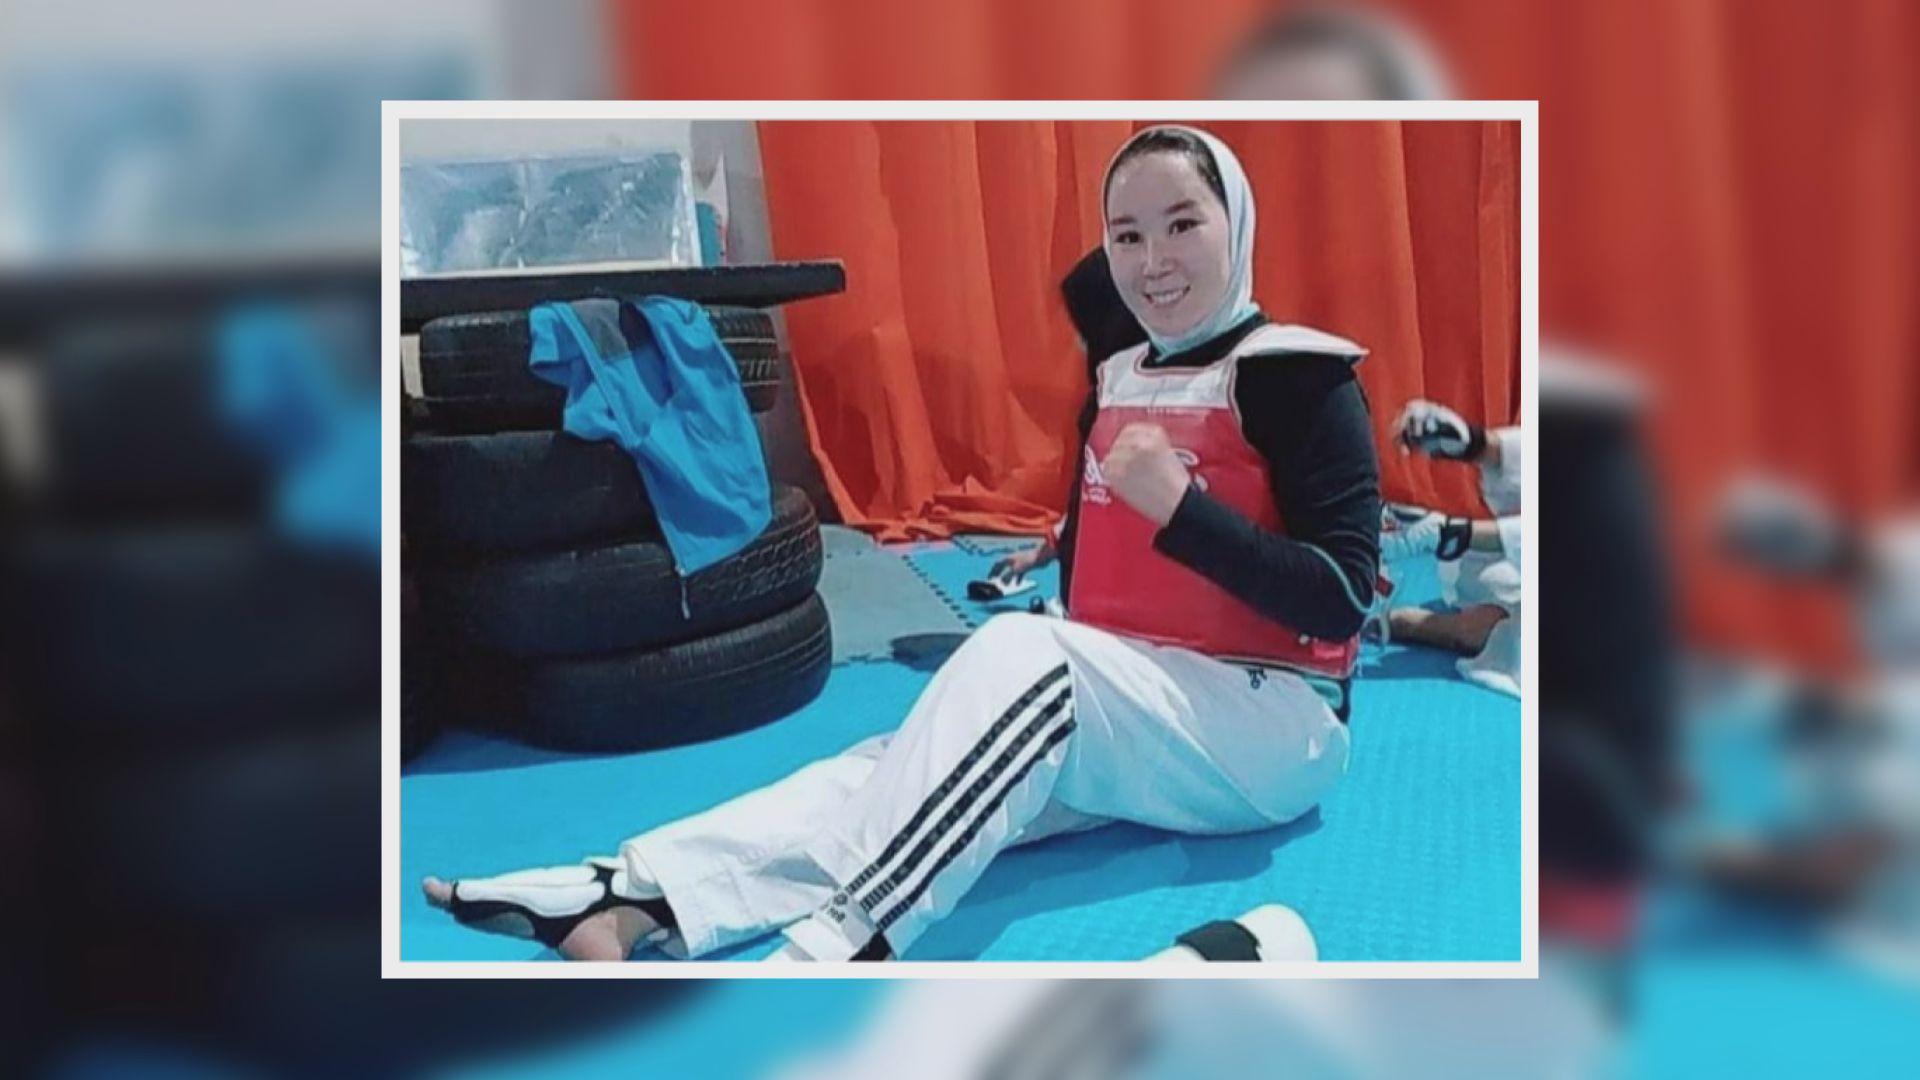 阿富汗殘奧選手拍片請求國際幫助她參與賽事